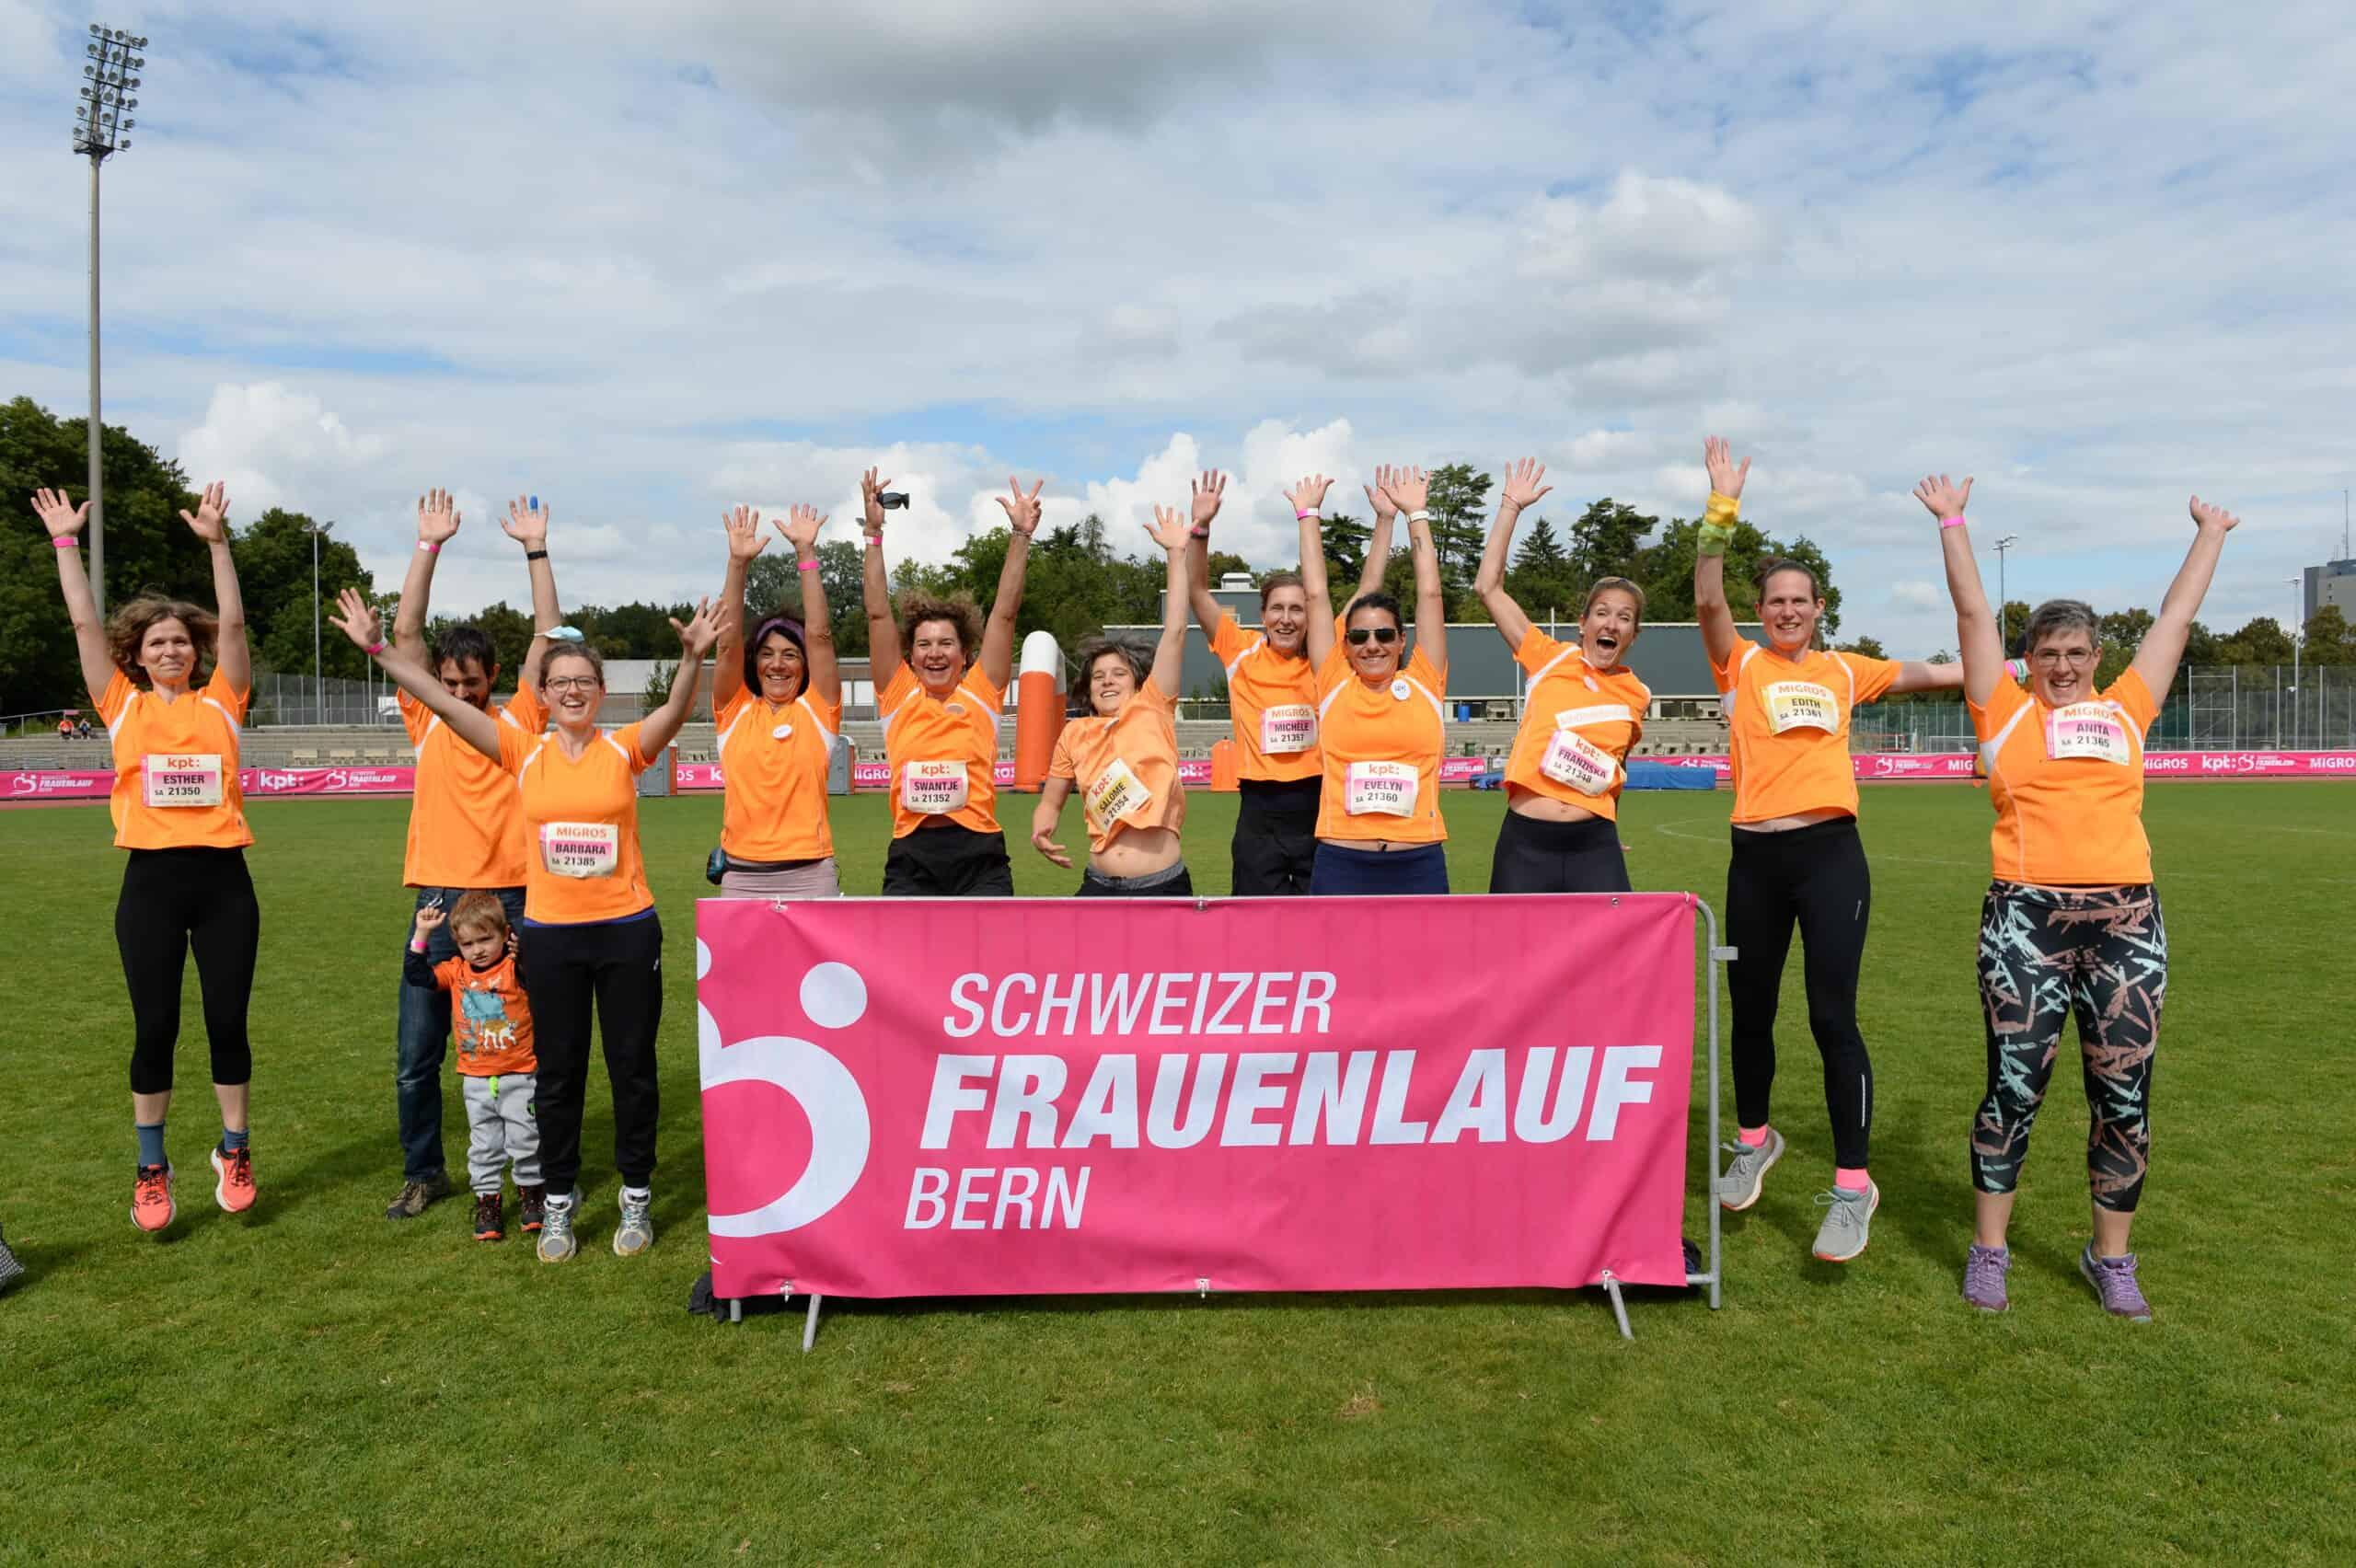 """Rückblick: Aktion Von Kindsverlust.ch """"ICH LAUFE FÜR (M)EIN KIND IM HERZEN"""" Im Rahmen Des Schweizer Frauenlaufs 21 Am 28. August 2021 In Bern"""